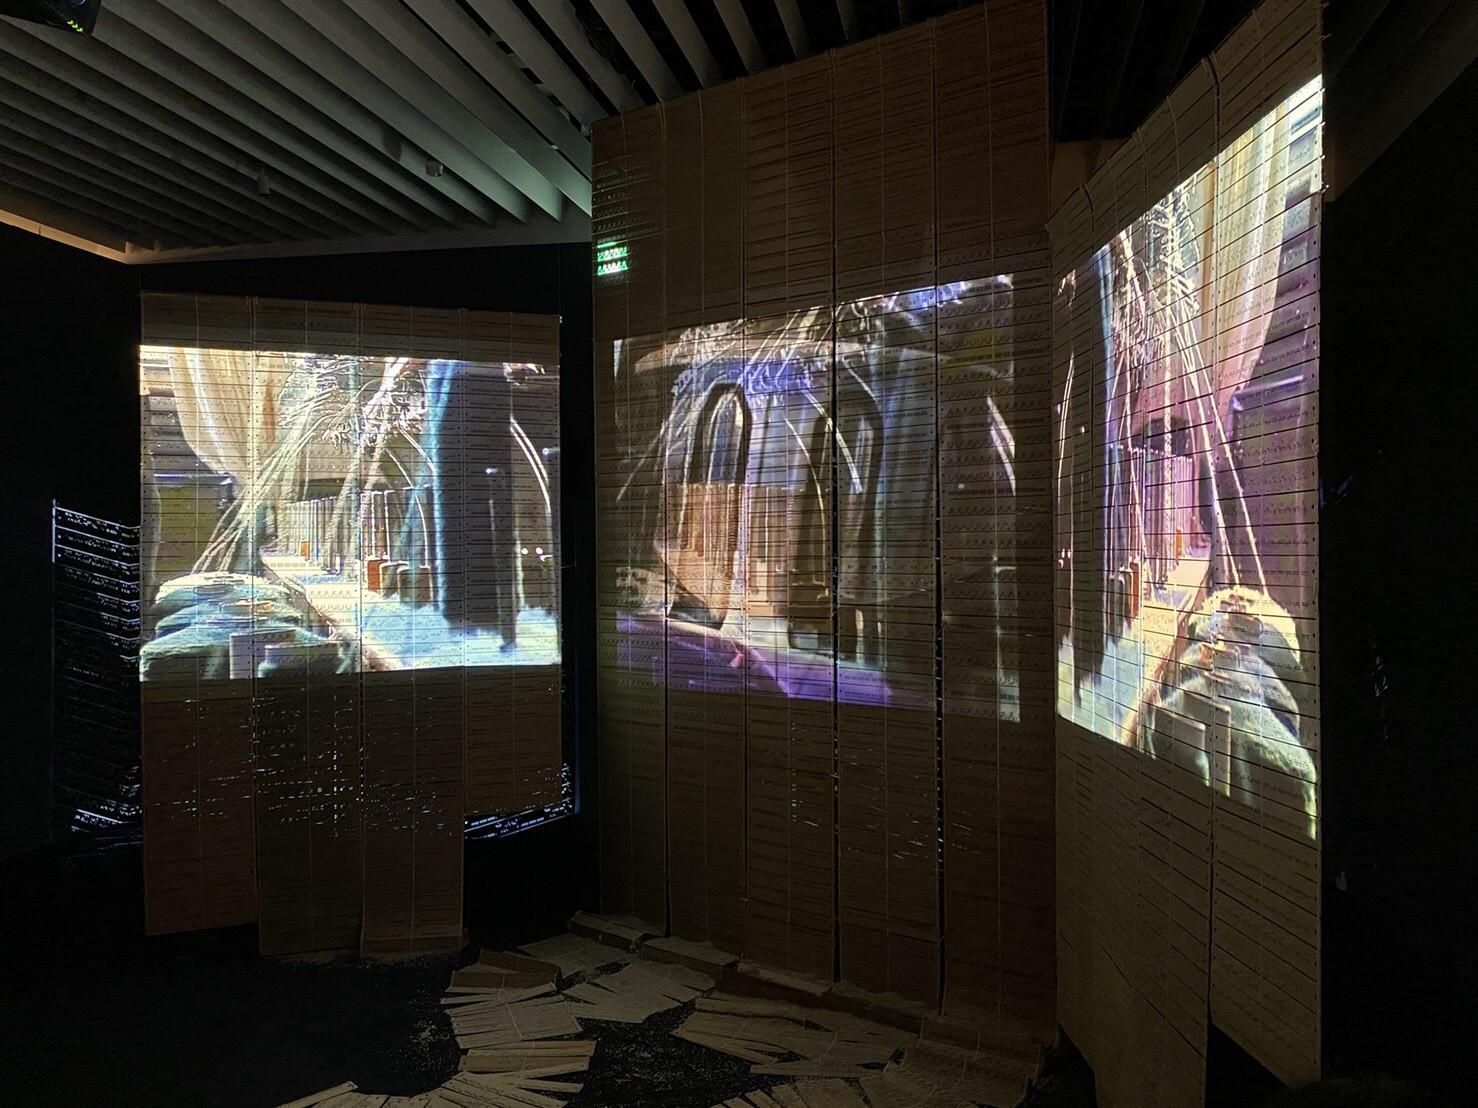 森美術館「アナザーエナジー展」会場風景よりセンガ・ネングディの作品